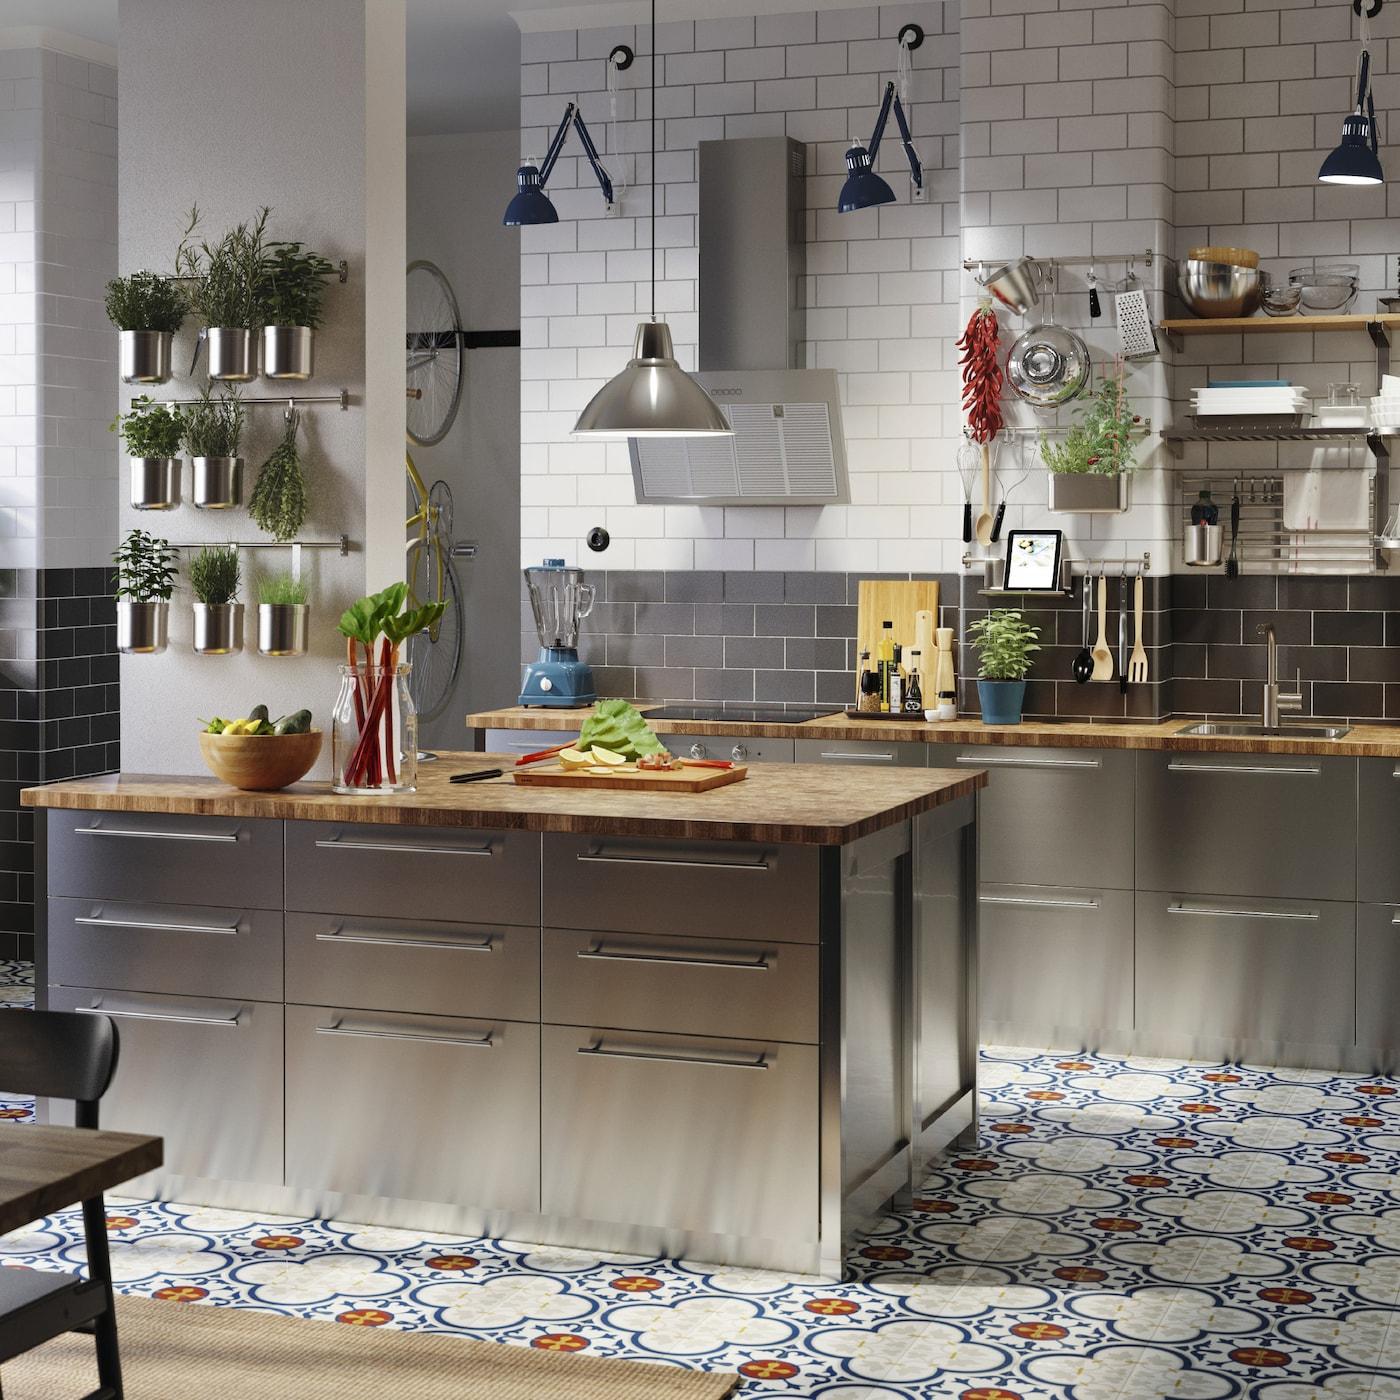 ステンレススチールのフロント、オーク/突き板のワークトップ、ブルーのインダストリアル風デザインのワークランプを備えた大きなキッチン。コンテナの中にはハーブ。